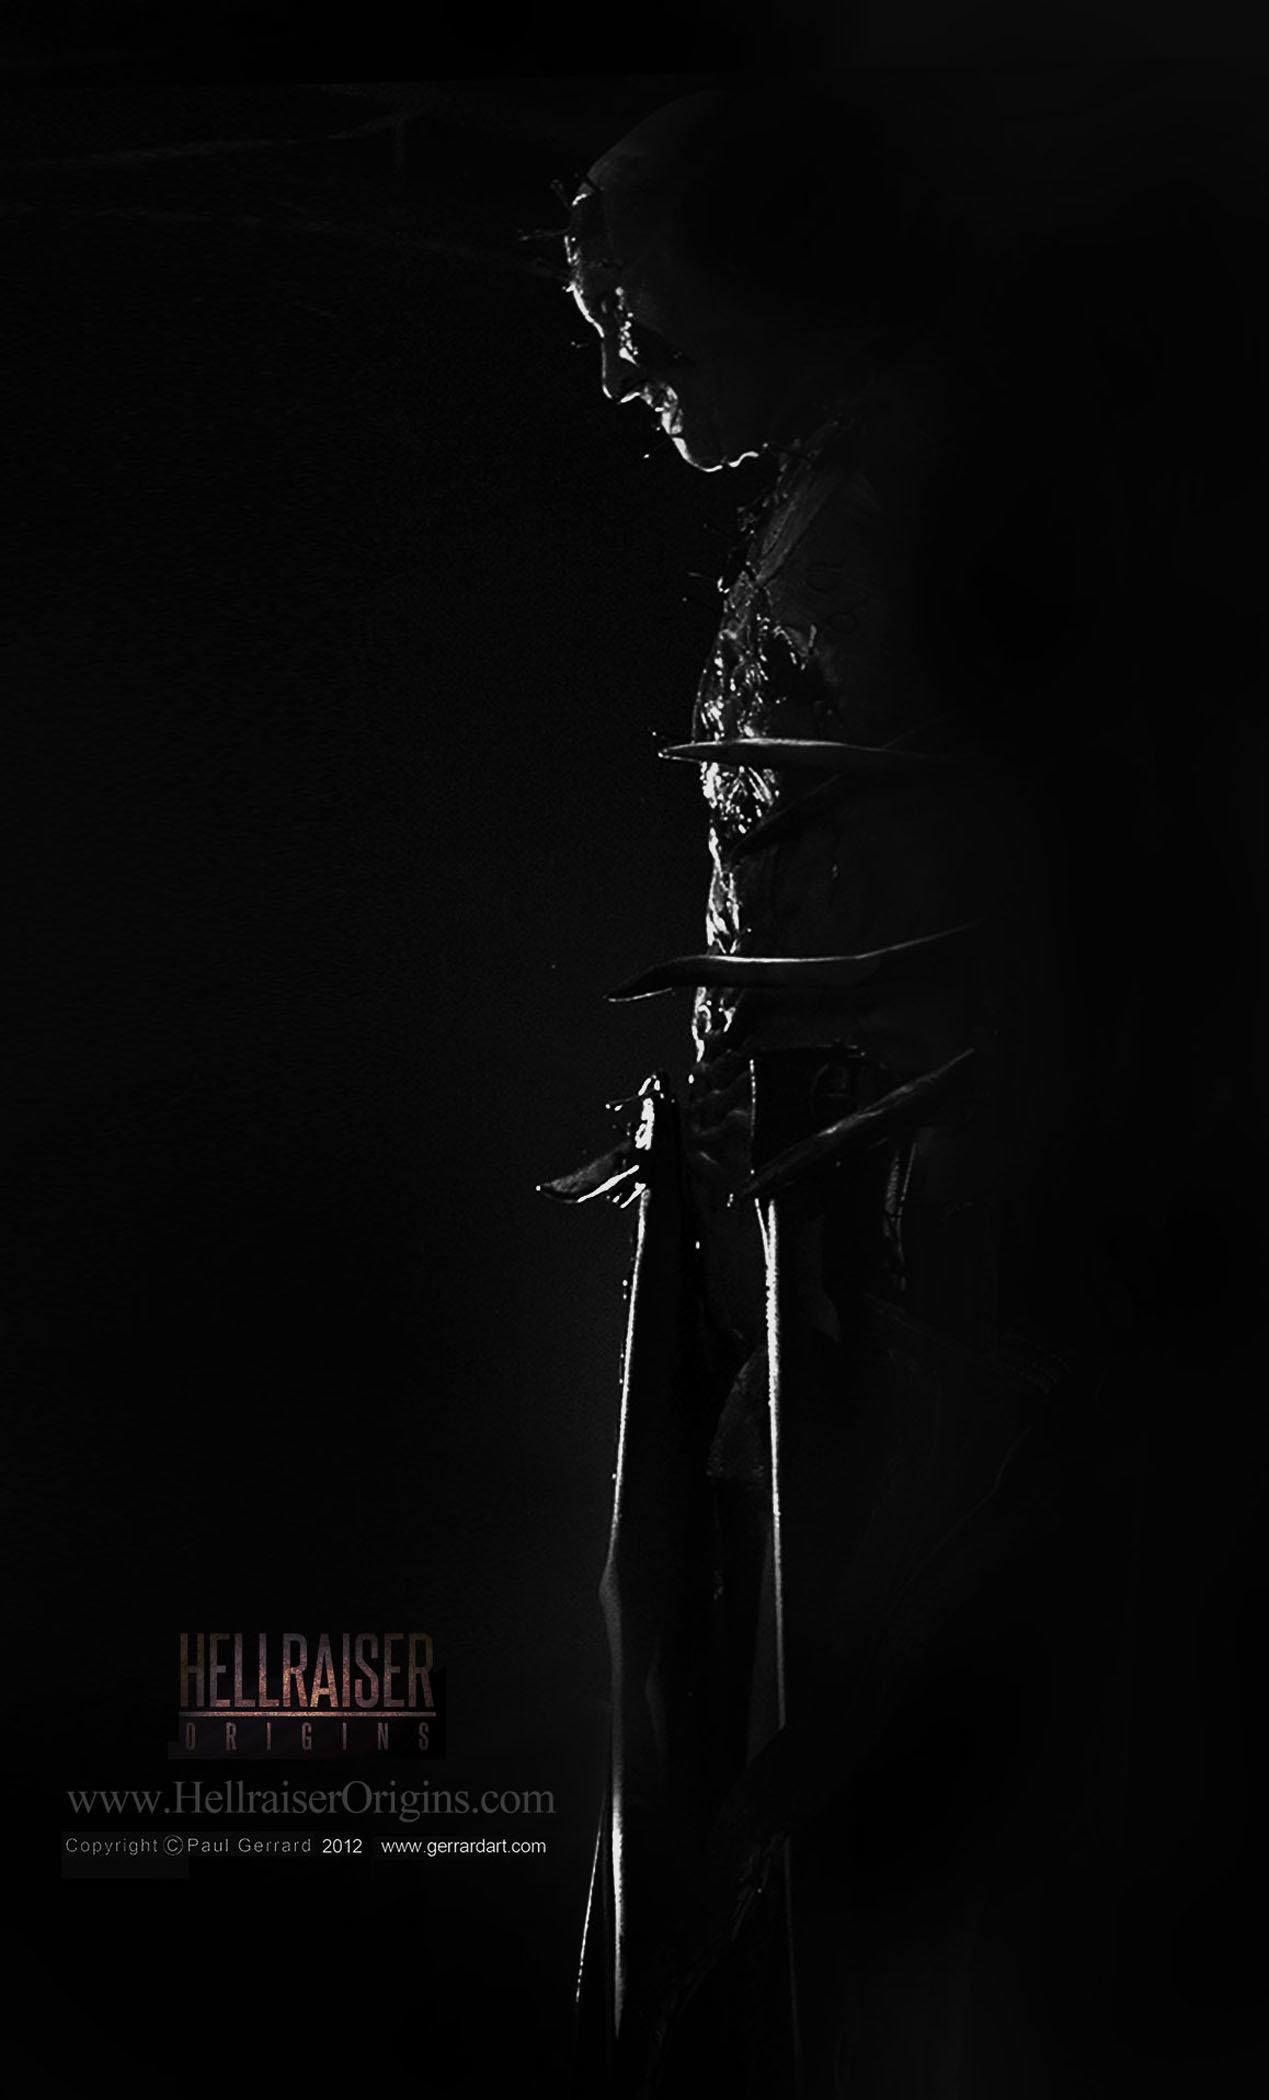 Paul gerrard dark 02